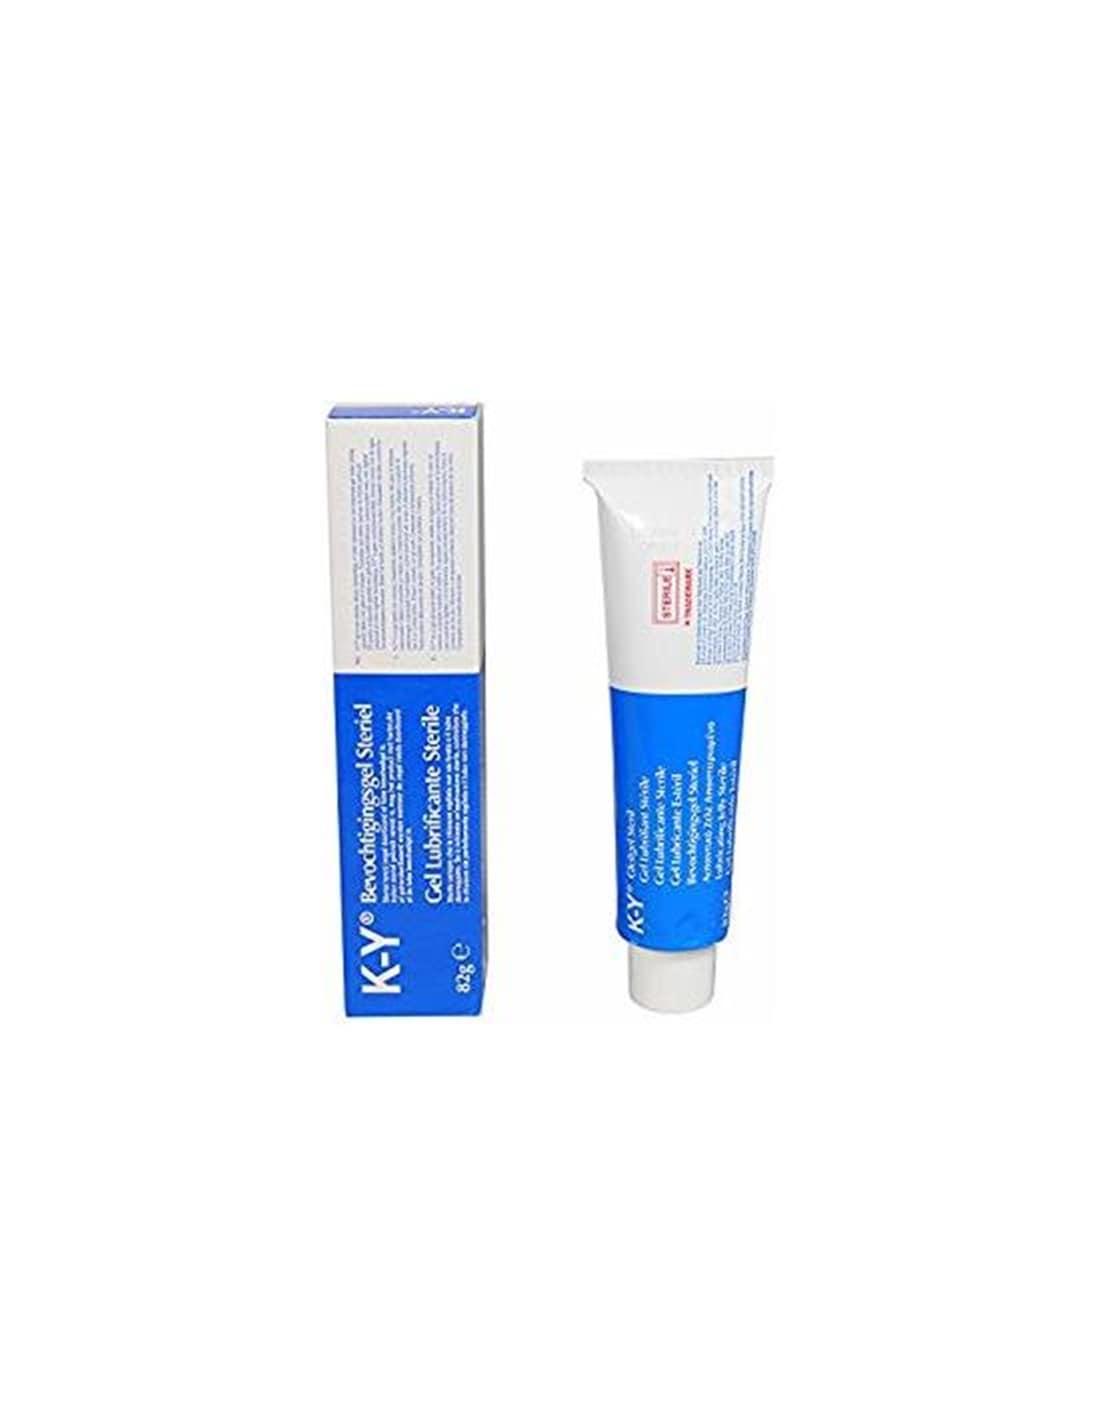 37090 - Gel lubrificante K-Y Original-PR2010301444